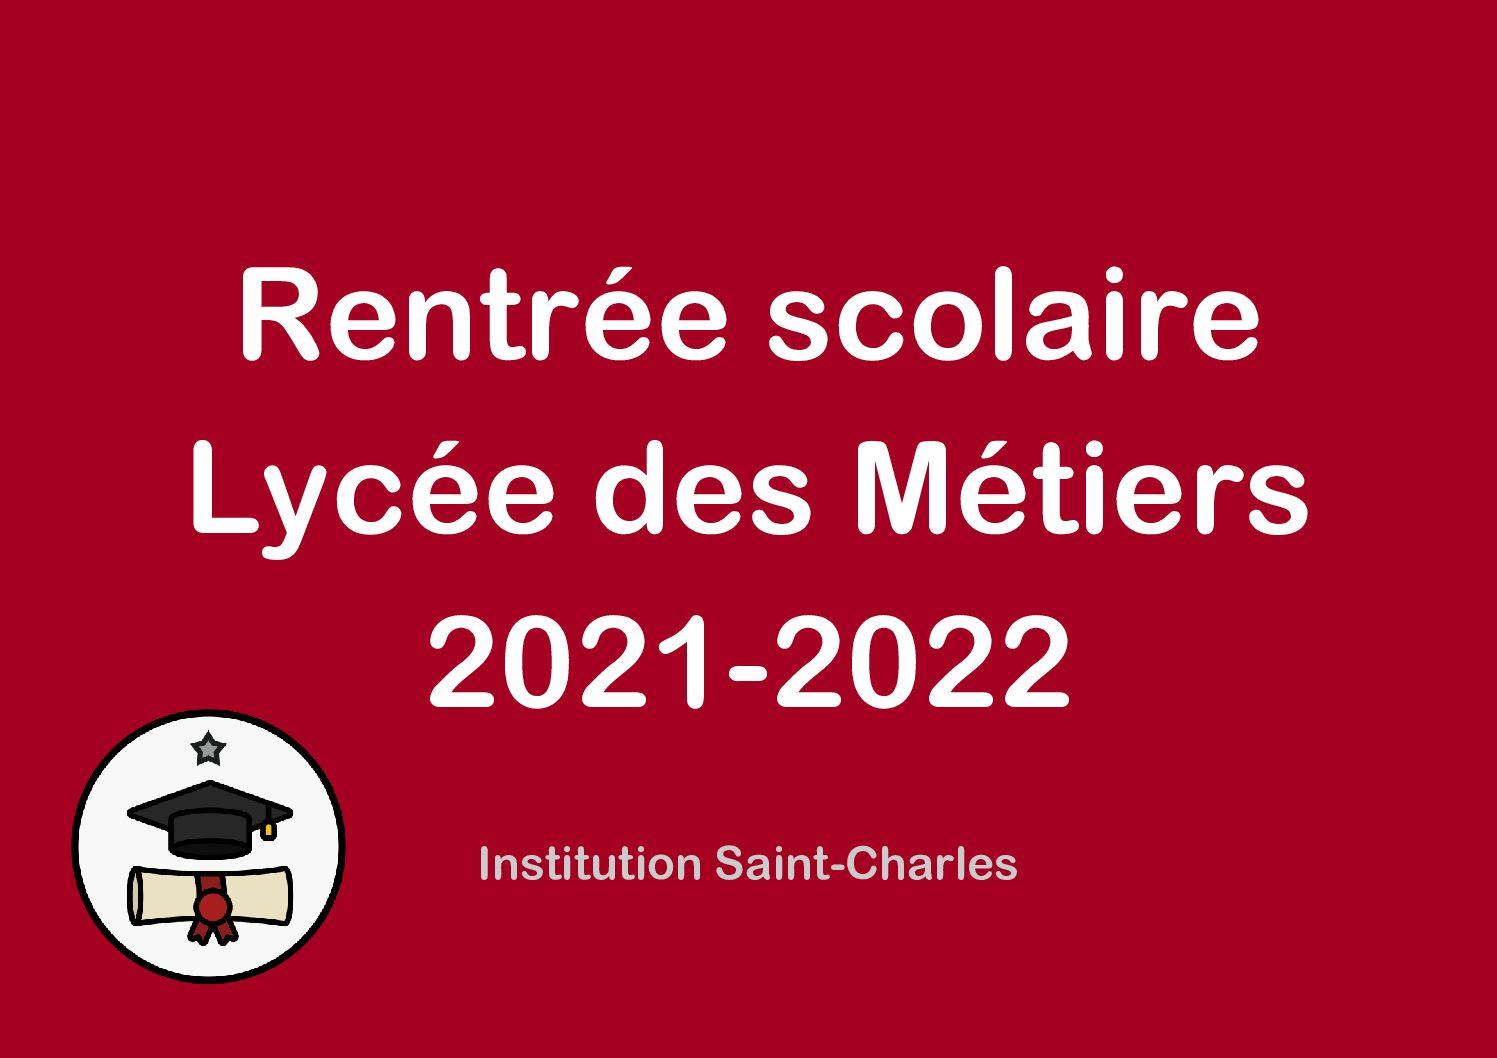 Rentrée 2021-2022 : Lycée des Métiers